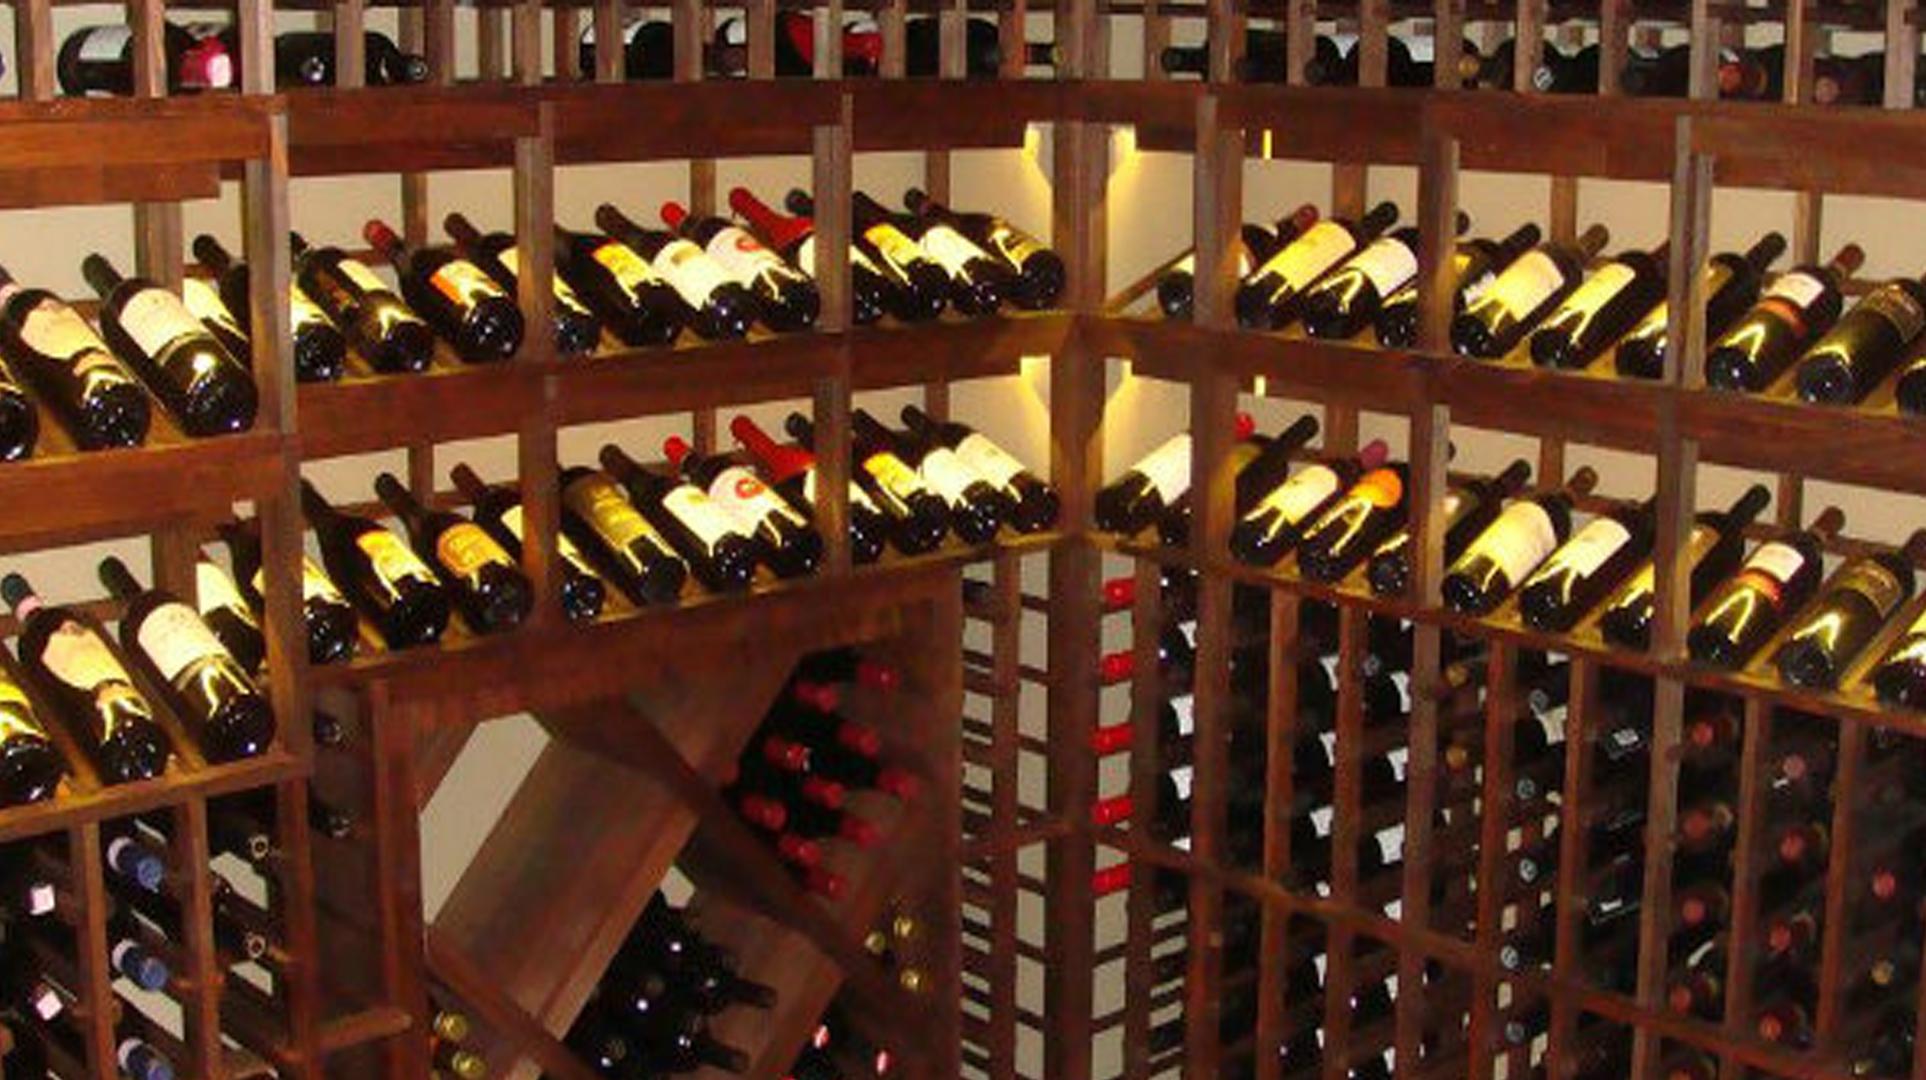 Fabricaci n a medida archivos comprar vinotecas online for Muebles para bar en casa